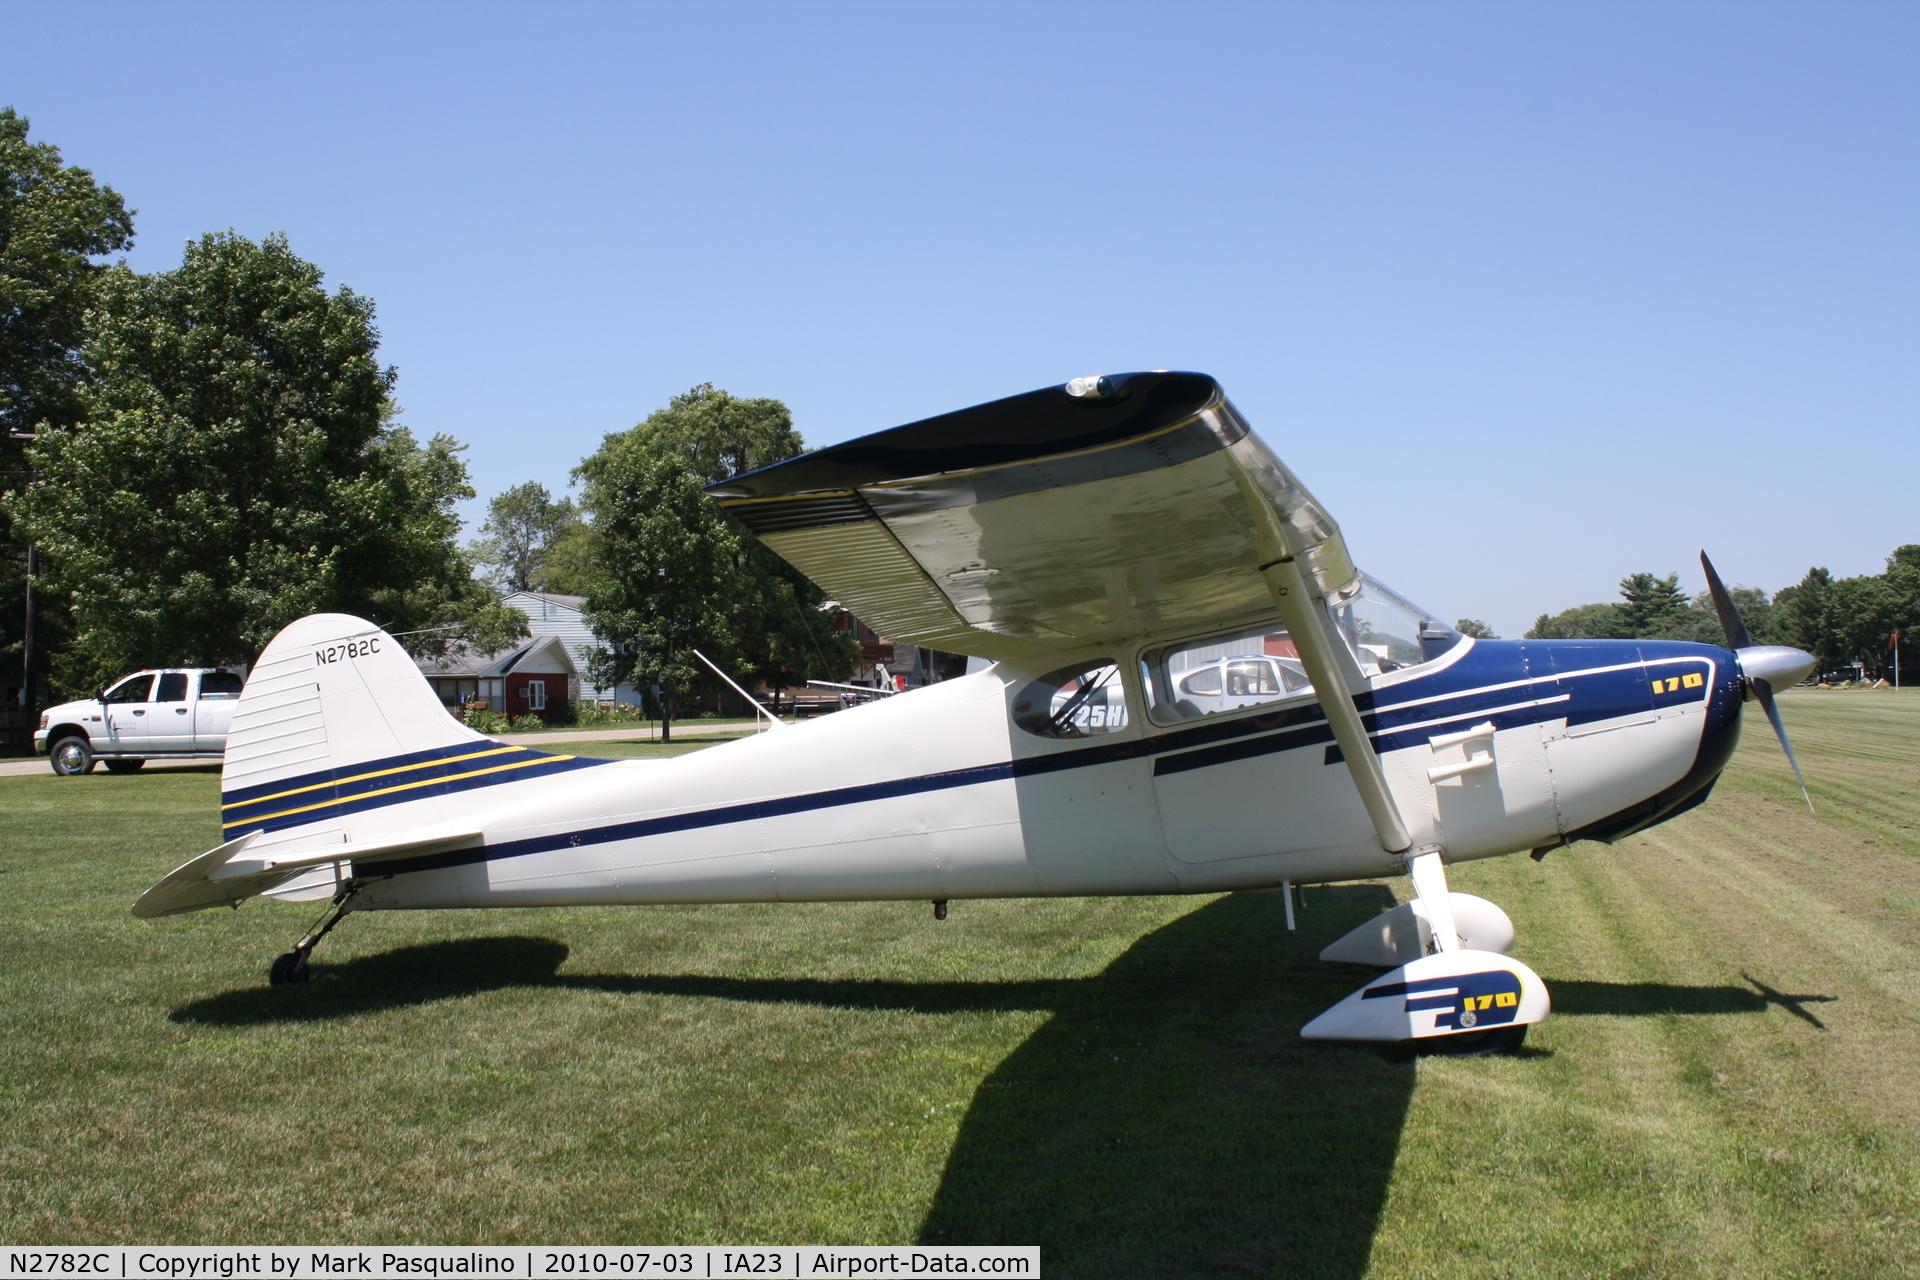 N2782C, 1954 Cessna 170B C/N 26326, Cessna 170B